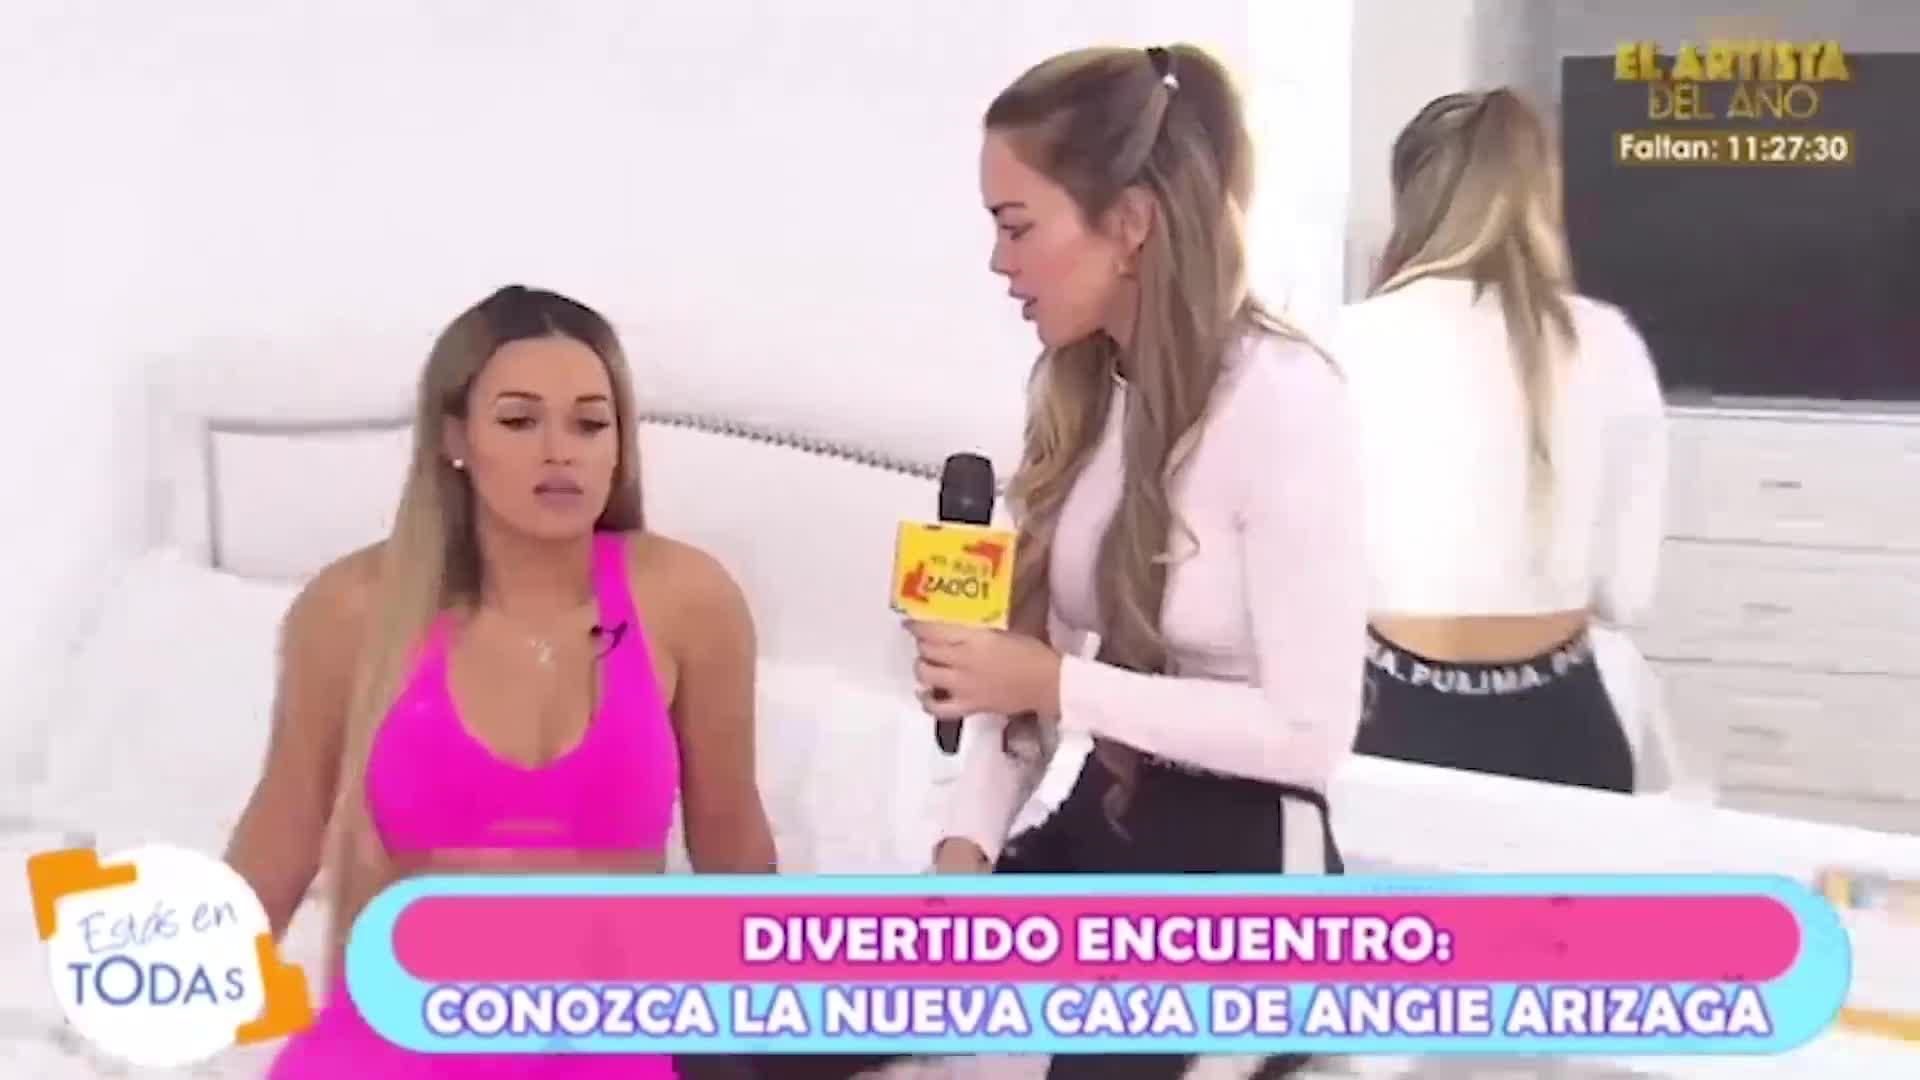 Estás en todas: Angie Arizaga reafirma su soltería y habla de sus planes junto a su familia